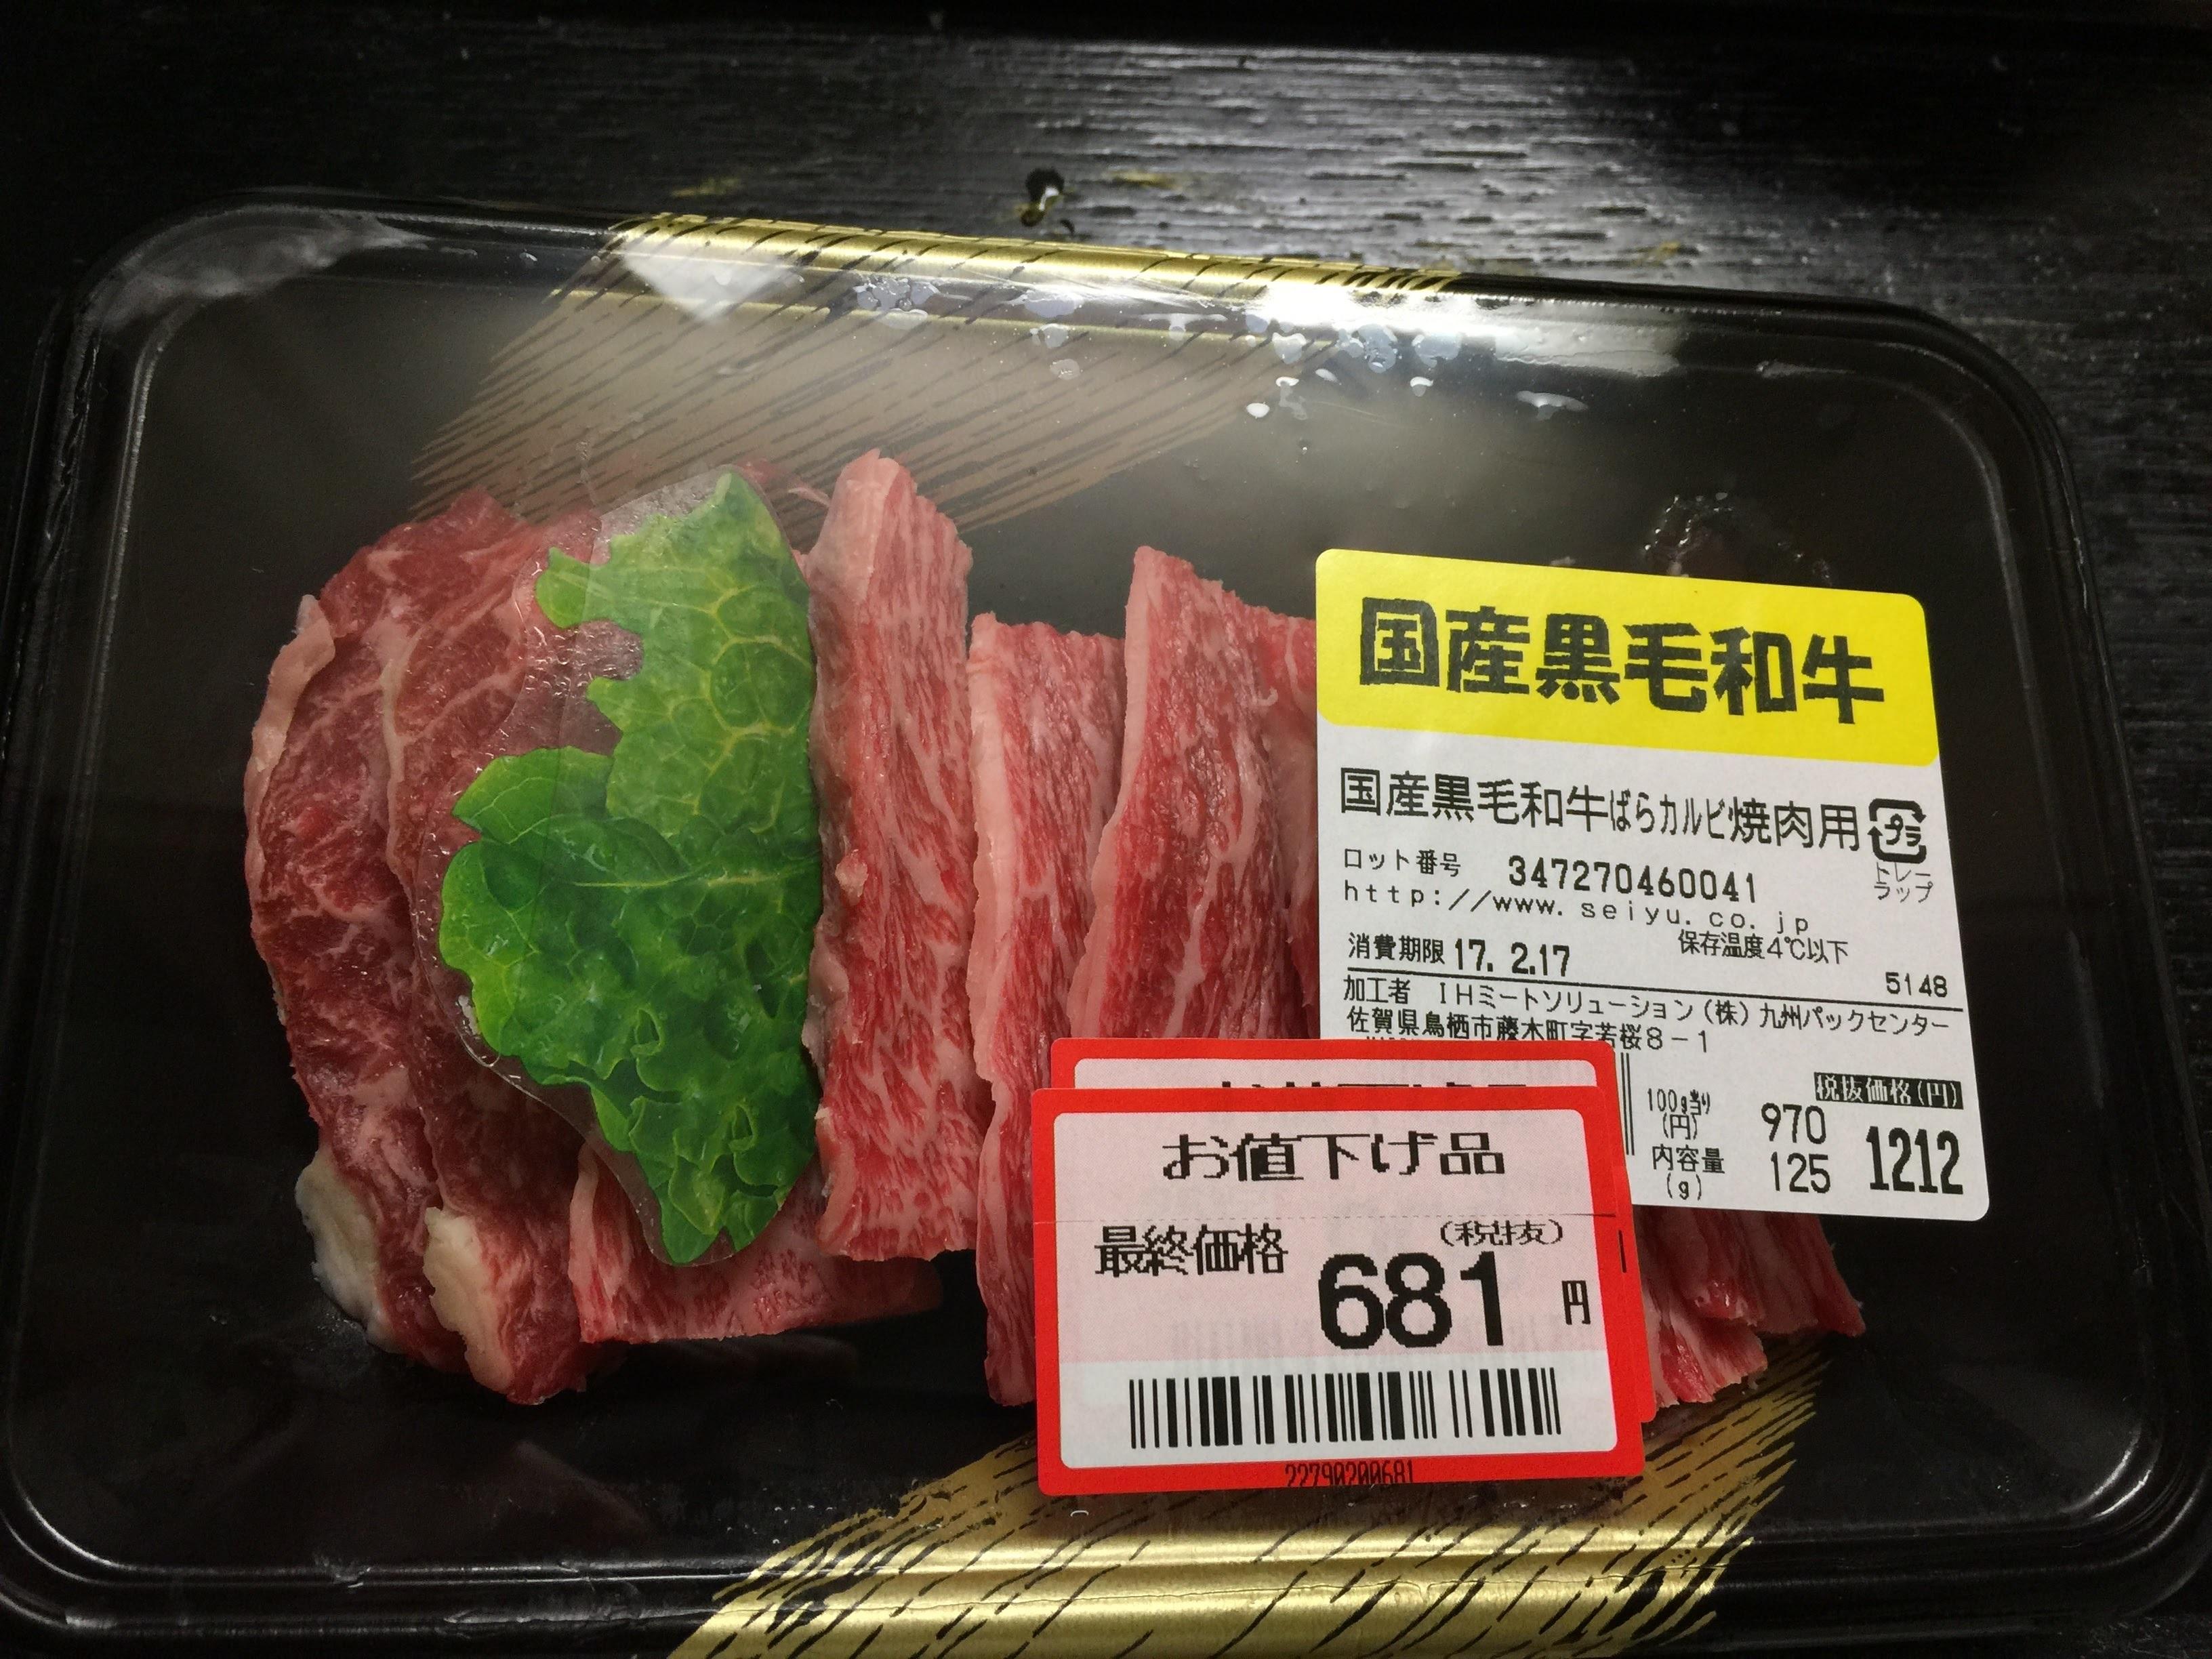 681円の肉